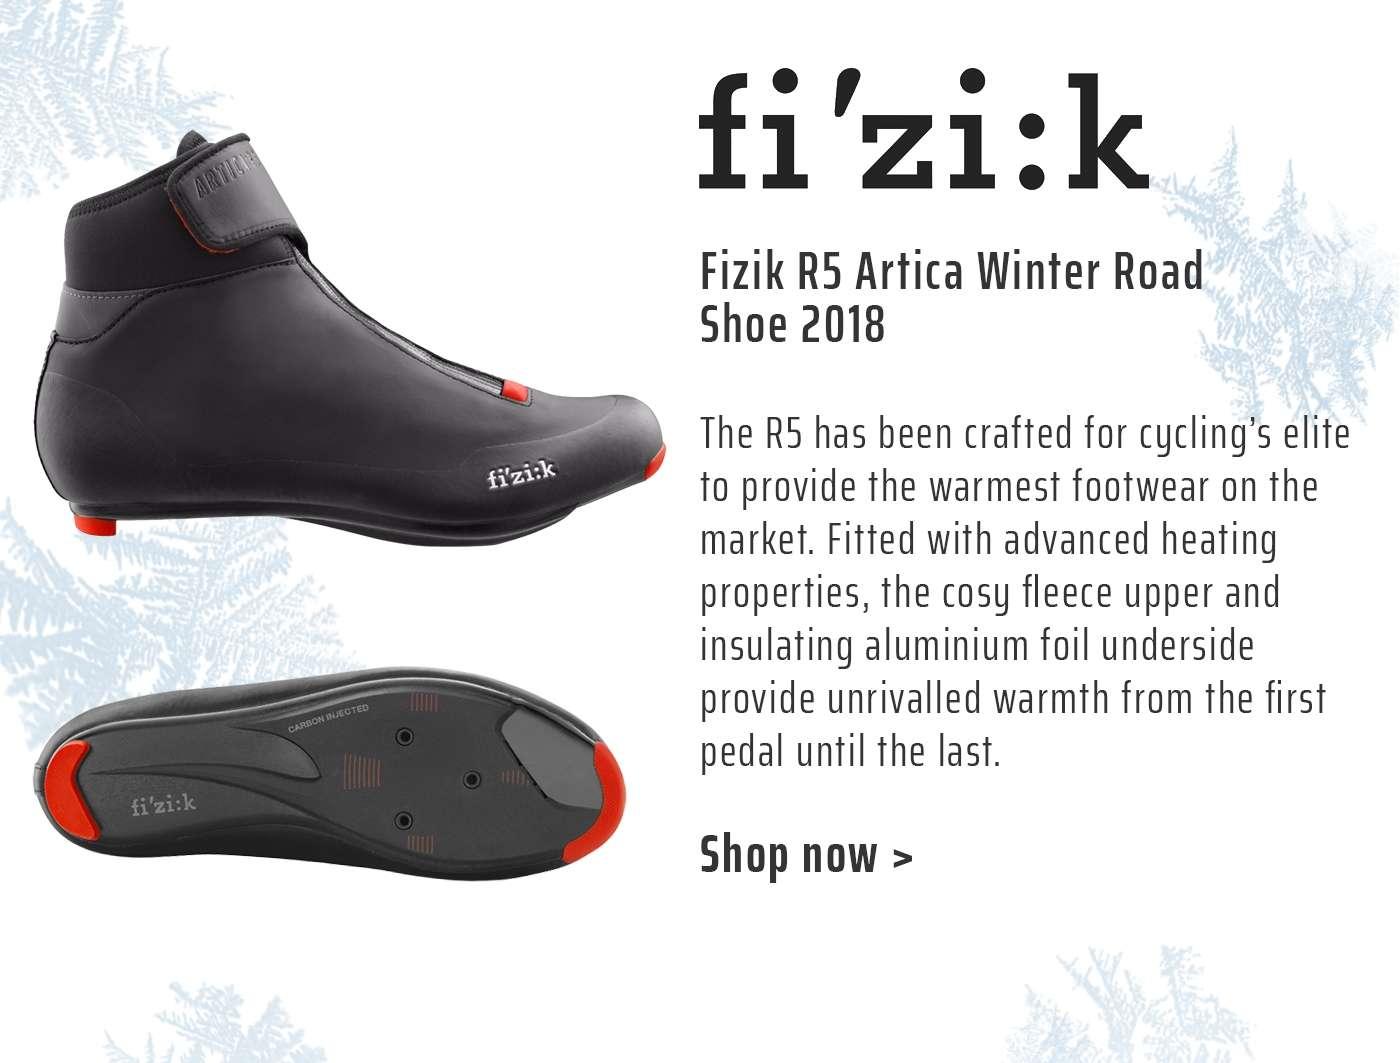 Fizik R5 Artica Winter Road Shoe 2018